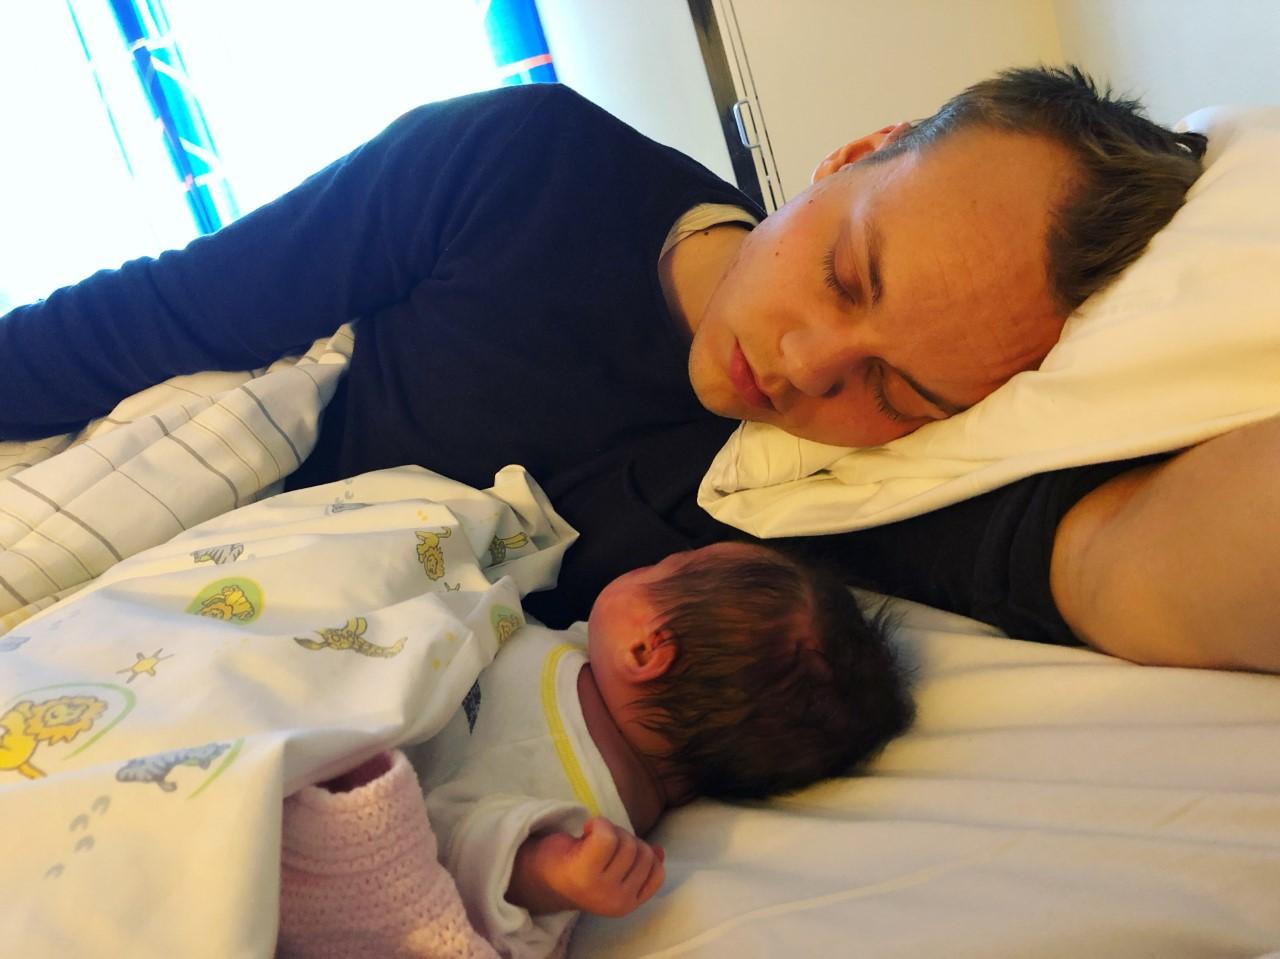 Bilde av Tor som sover med sitt nyfødte barn